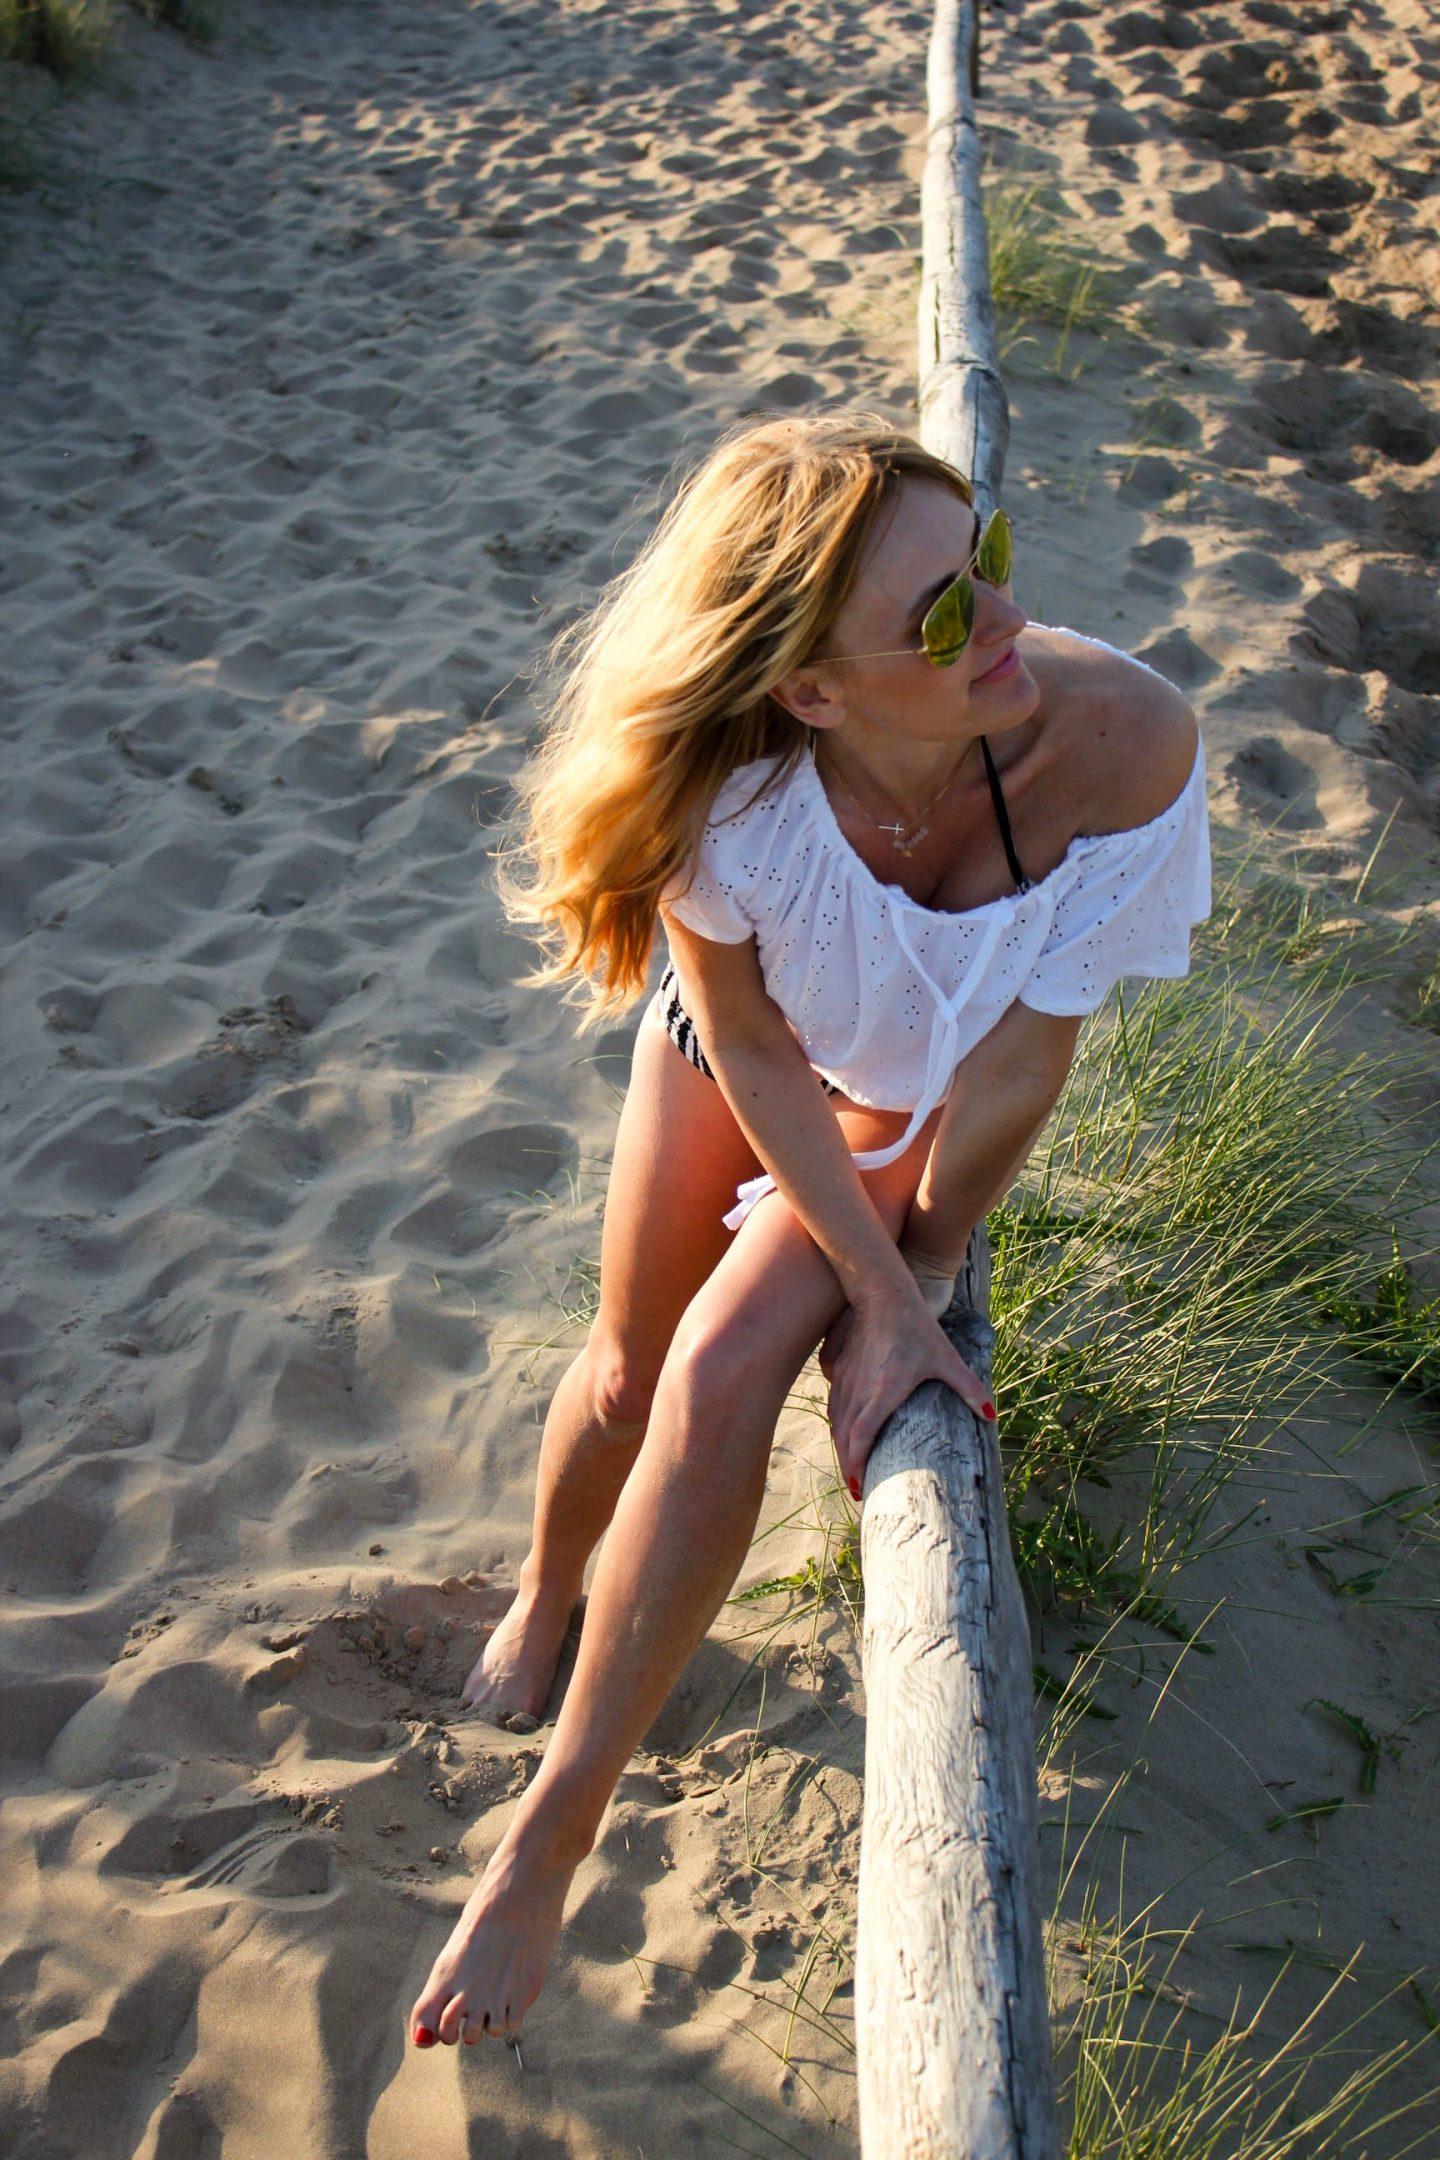 22-Tage-Zucker-Detox: mein Erfahrungsbericht-Nowshine Lifestyle Blog-gesunde Ernährung-Sugyr Detox